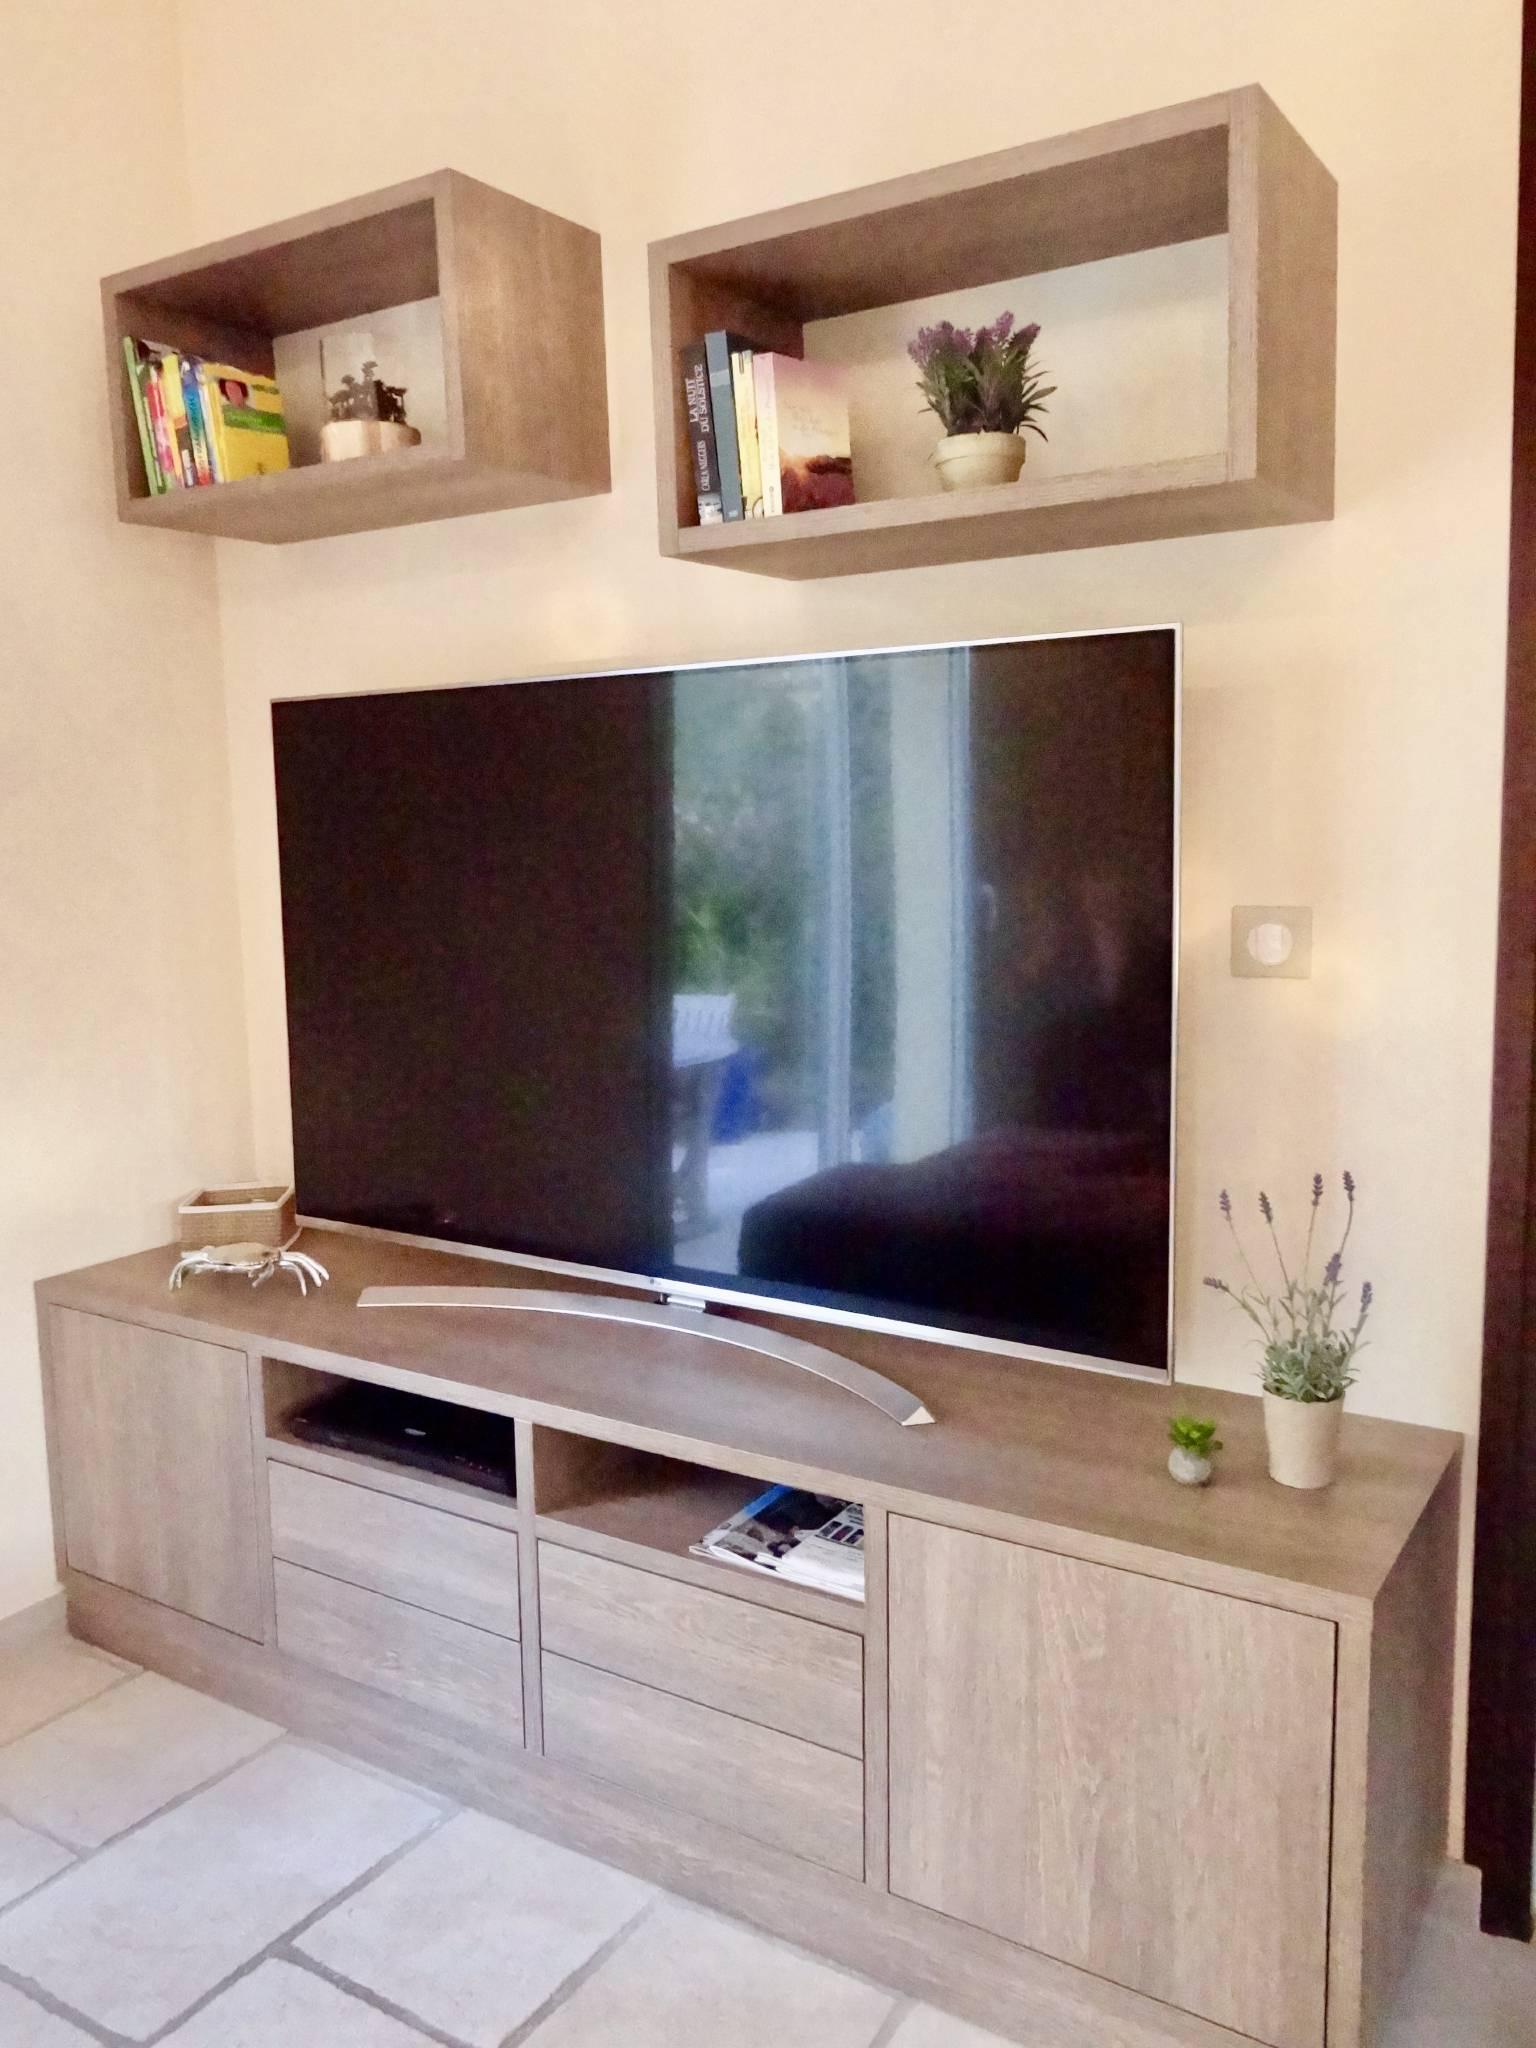 Küche und Teil des Wohnzimmers